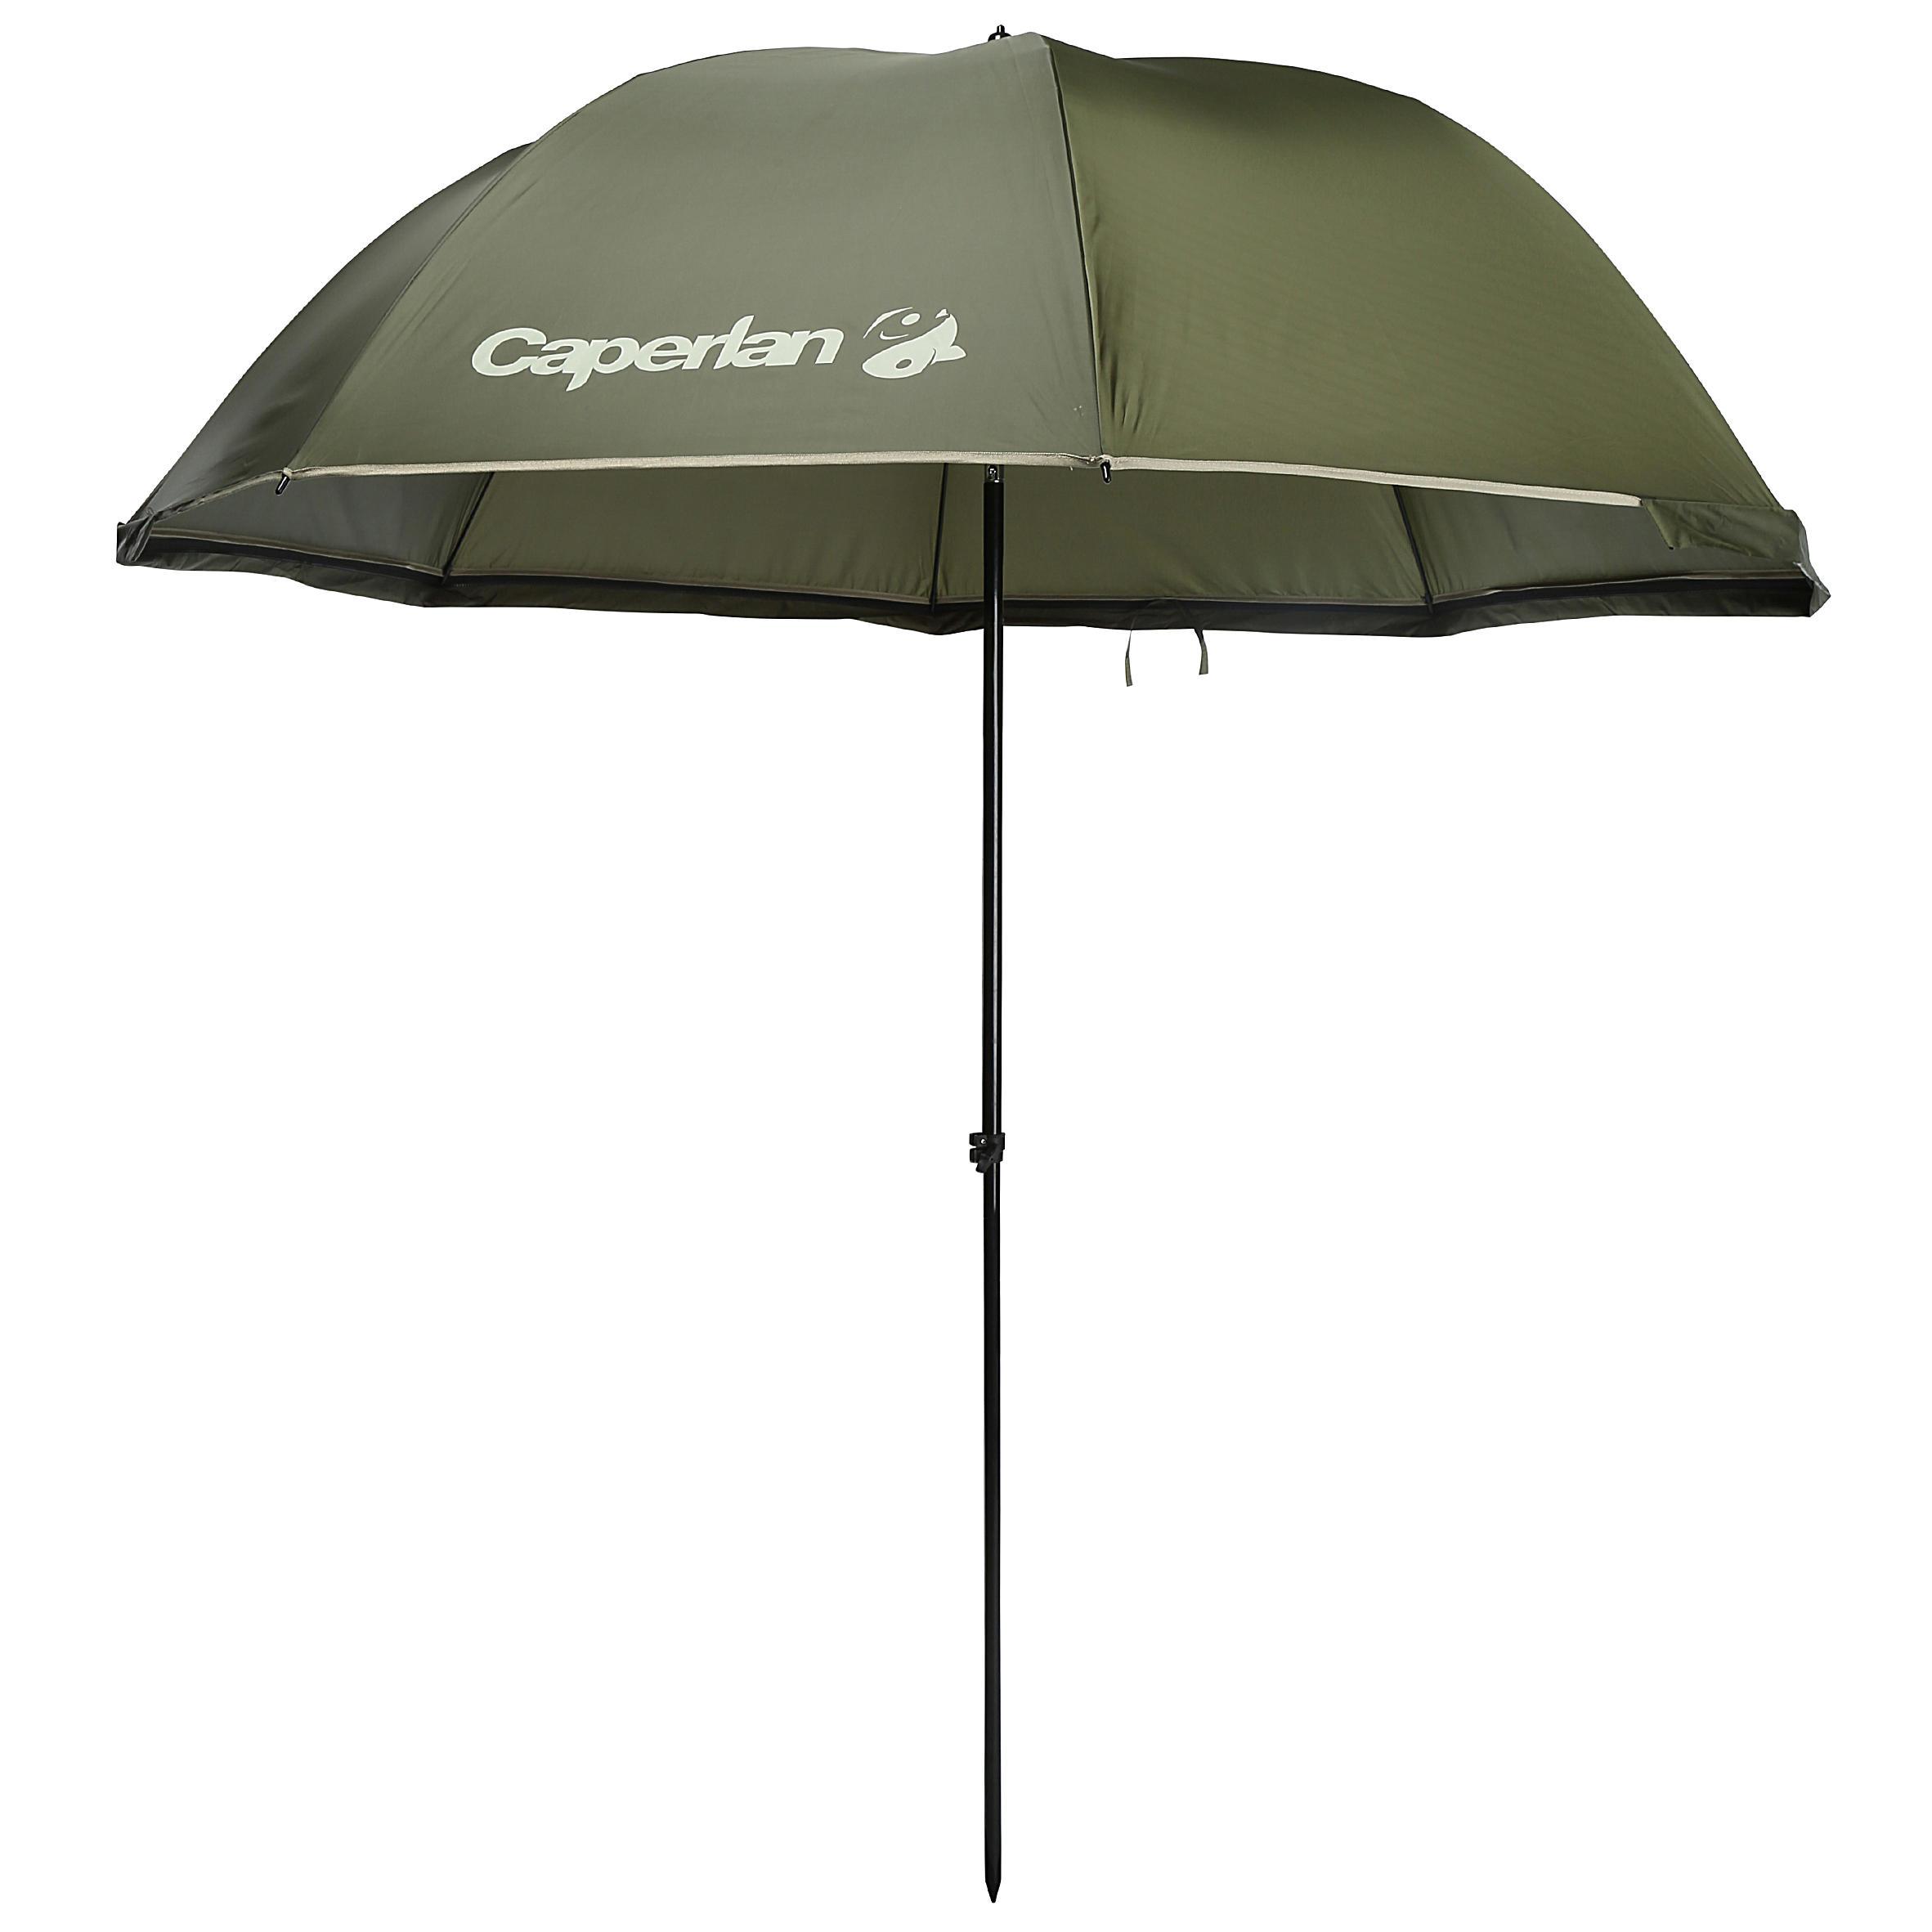 Fishing umbrella...